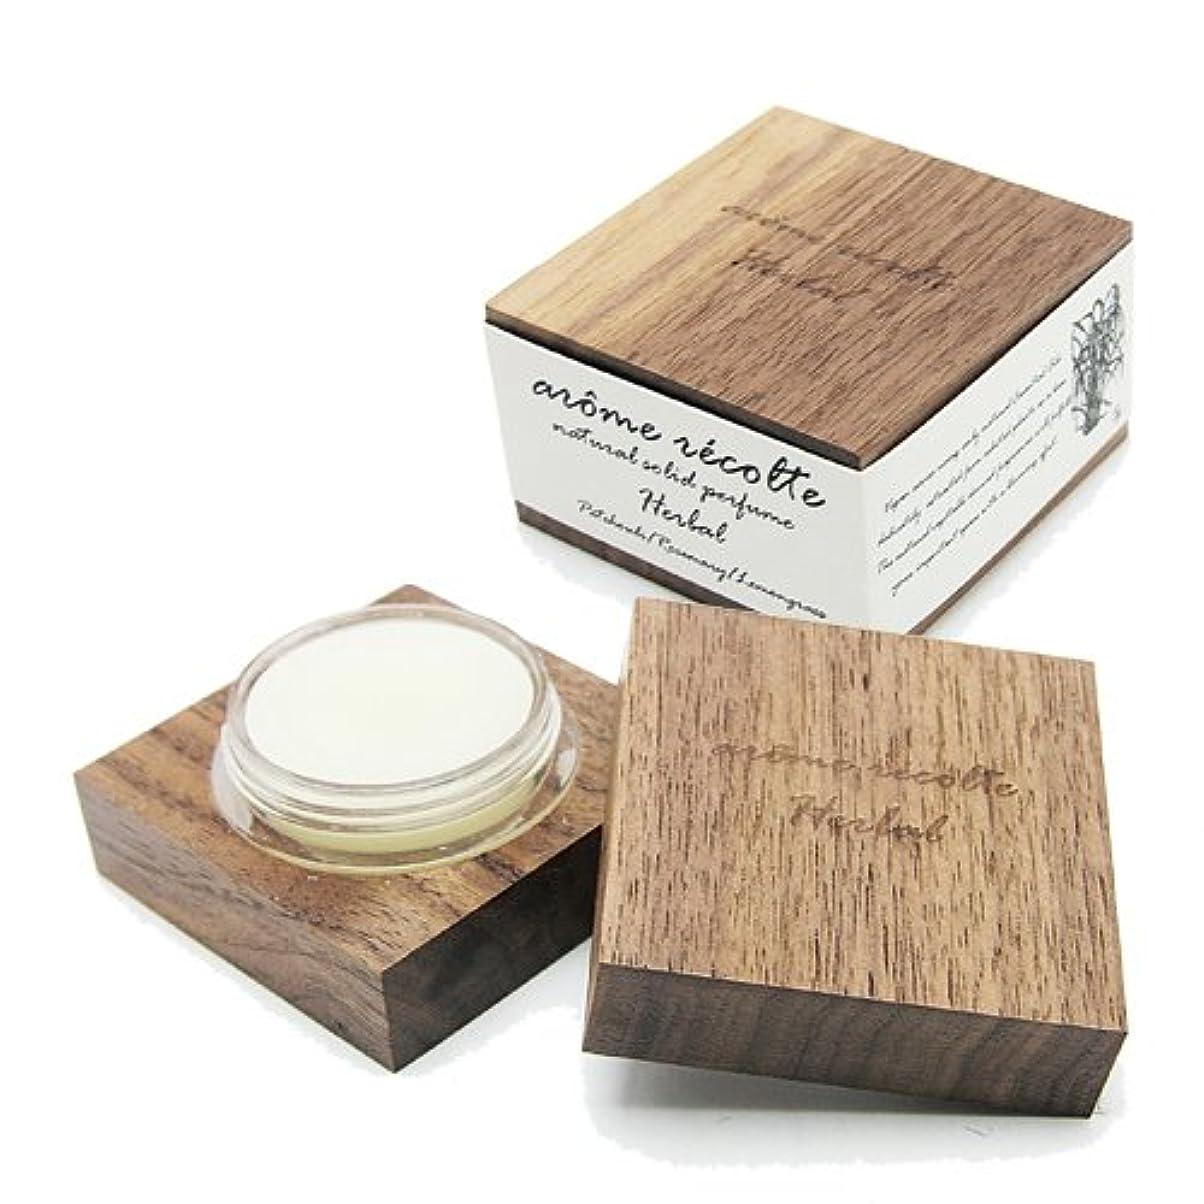 統計的化石称賛アロマレコルト ナチュラル ソリッドパフューム ハーバル Herbal arome recolte 練り香水